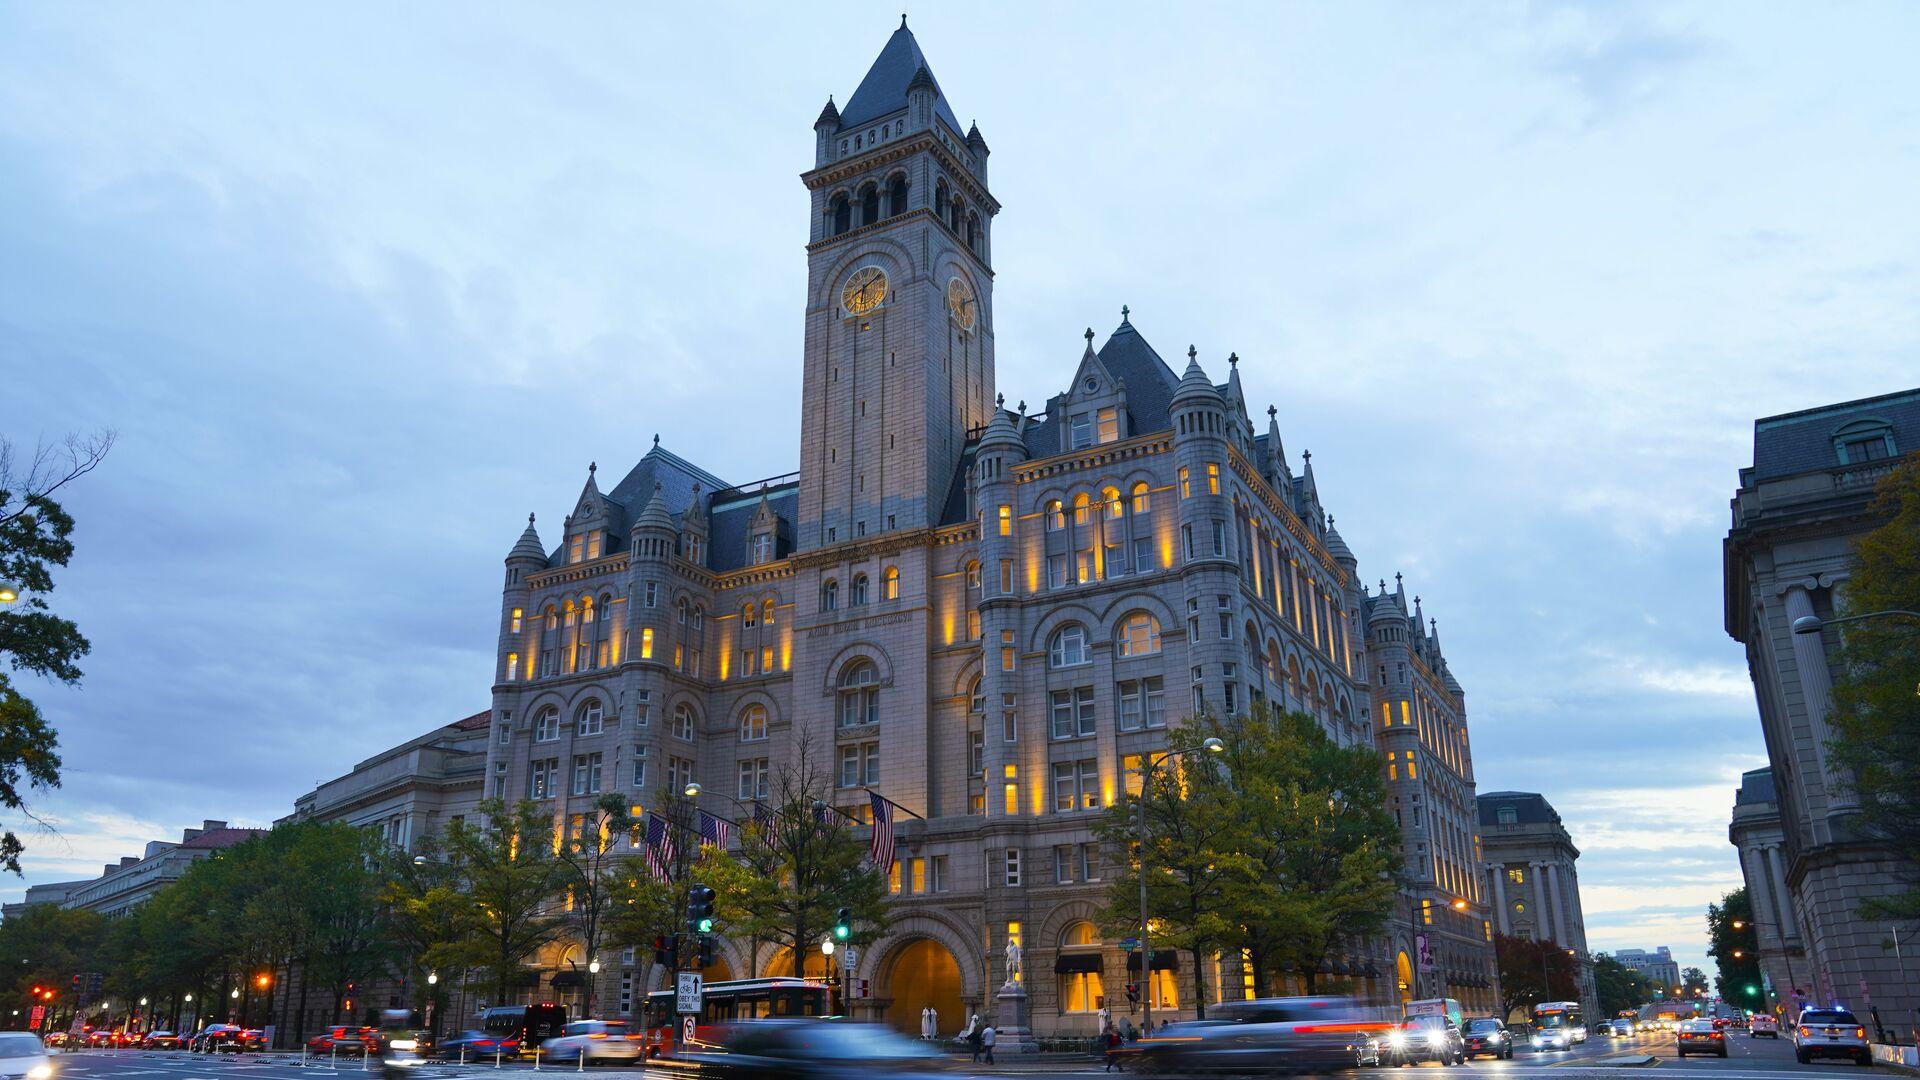 Trump International Hotel на Пенсильванском проспекте в Вашингтоне - РИА Новости, 1920, 17.02.2021